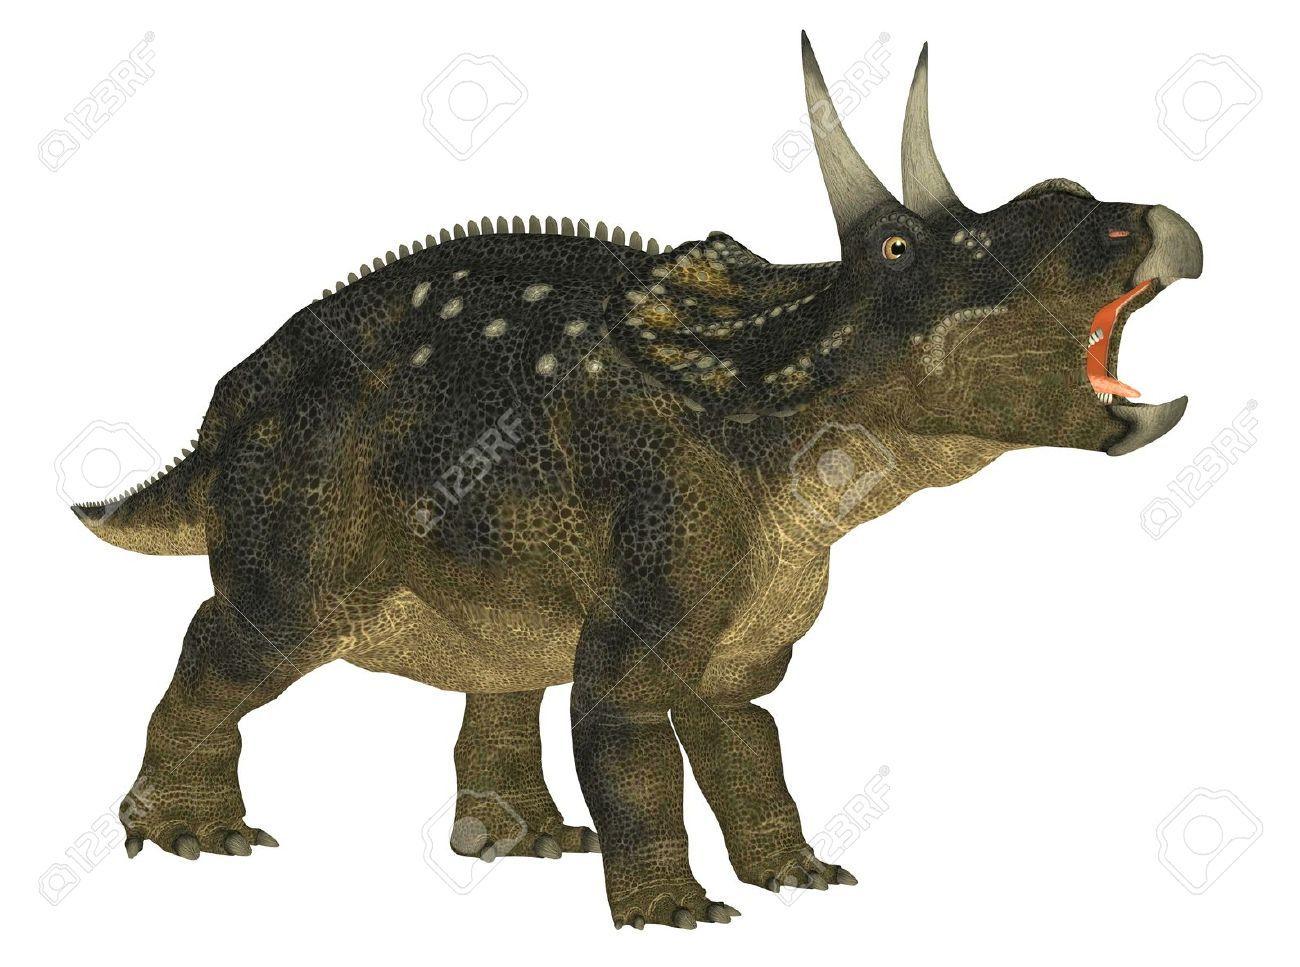 Diceratus Junior Synonym Of Nedoceratops Dinosaur Pictures